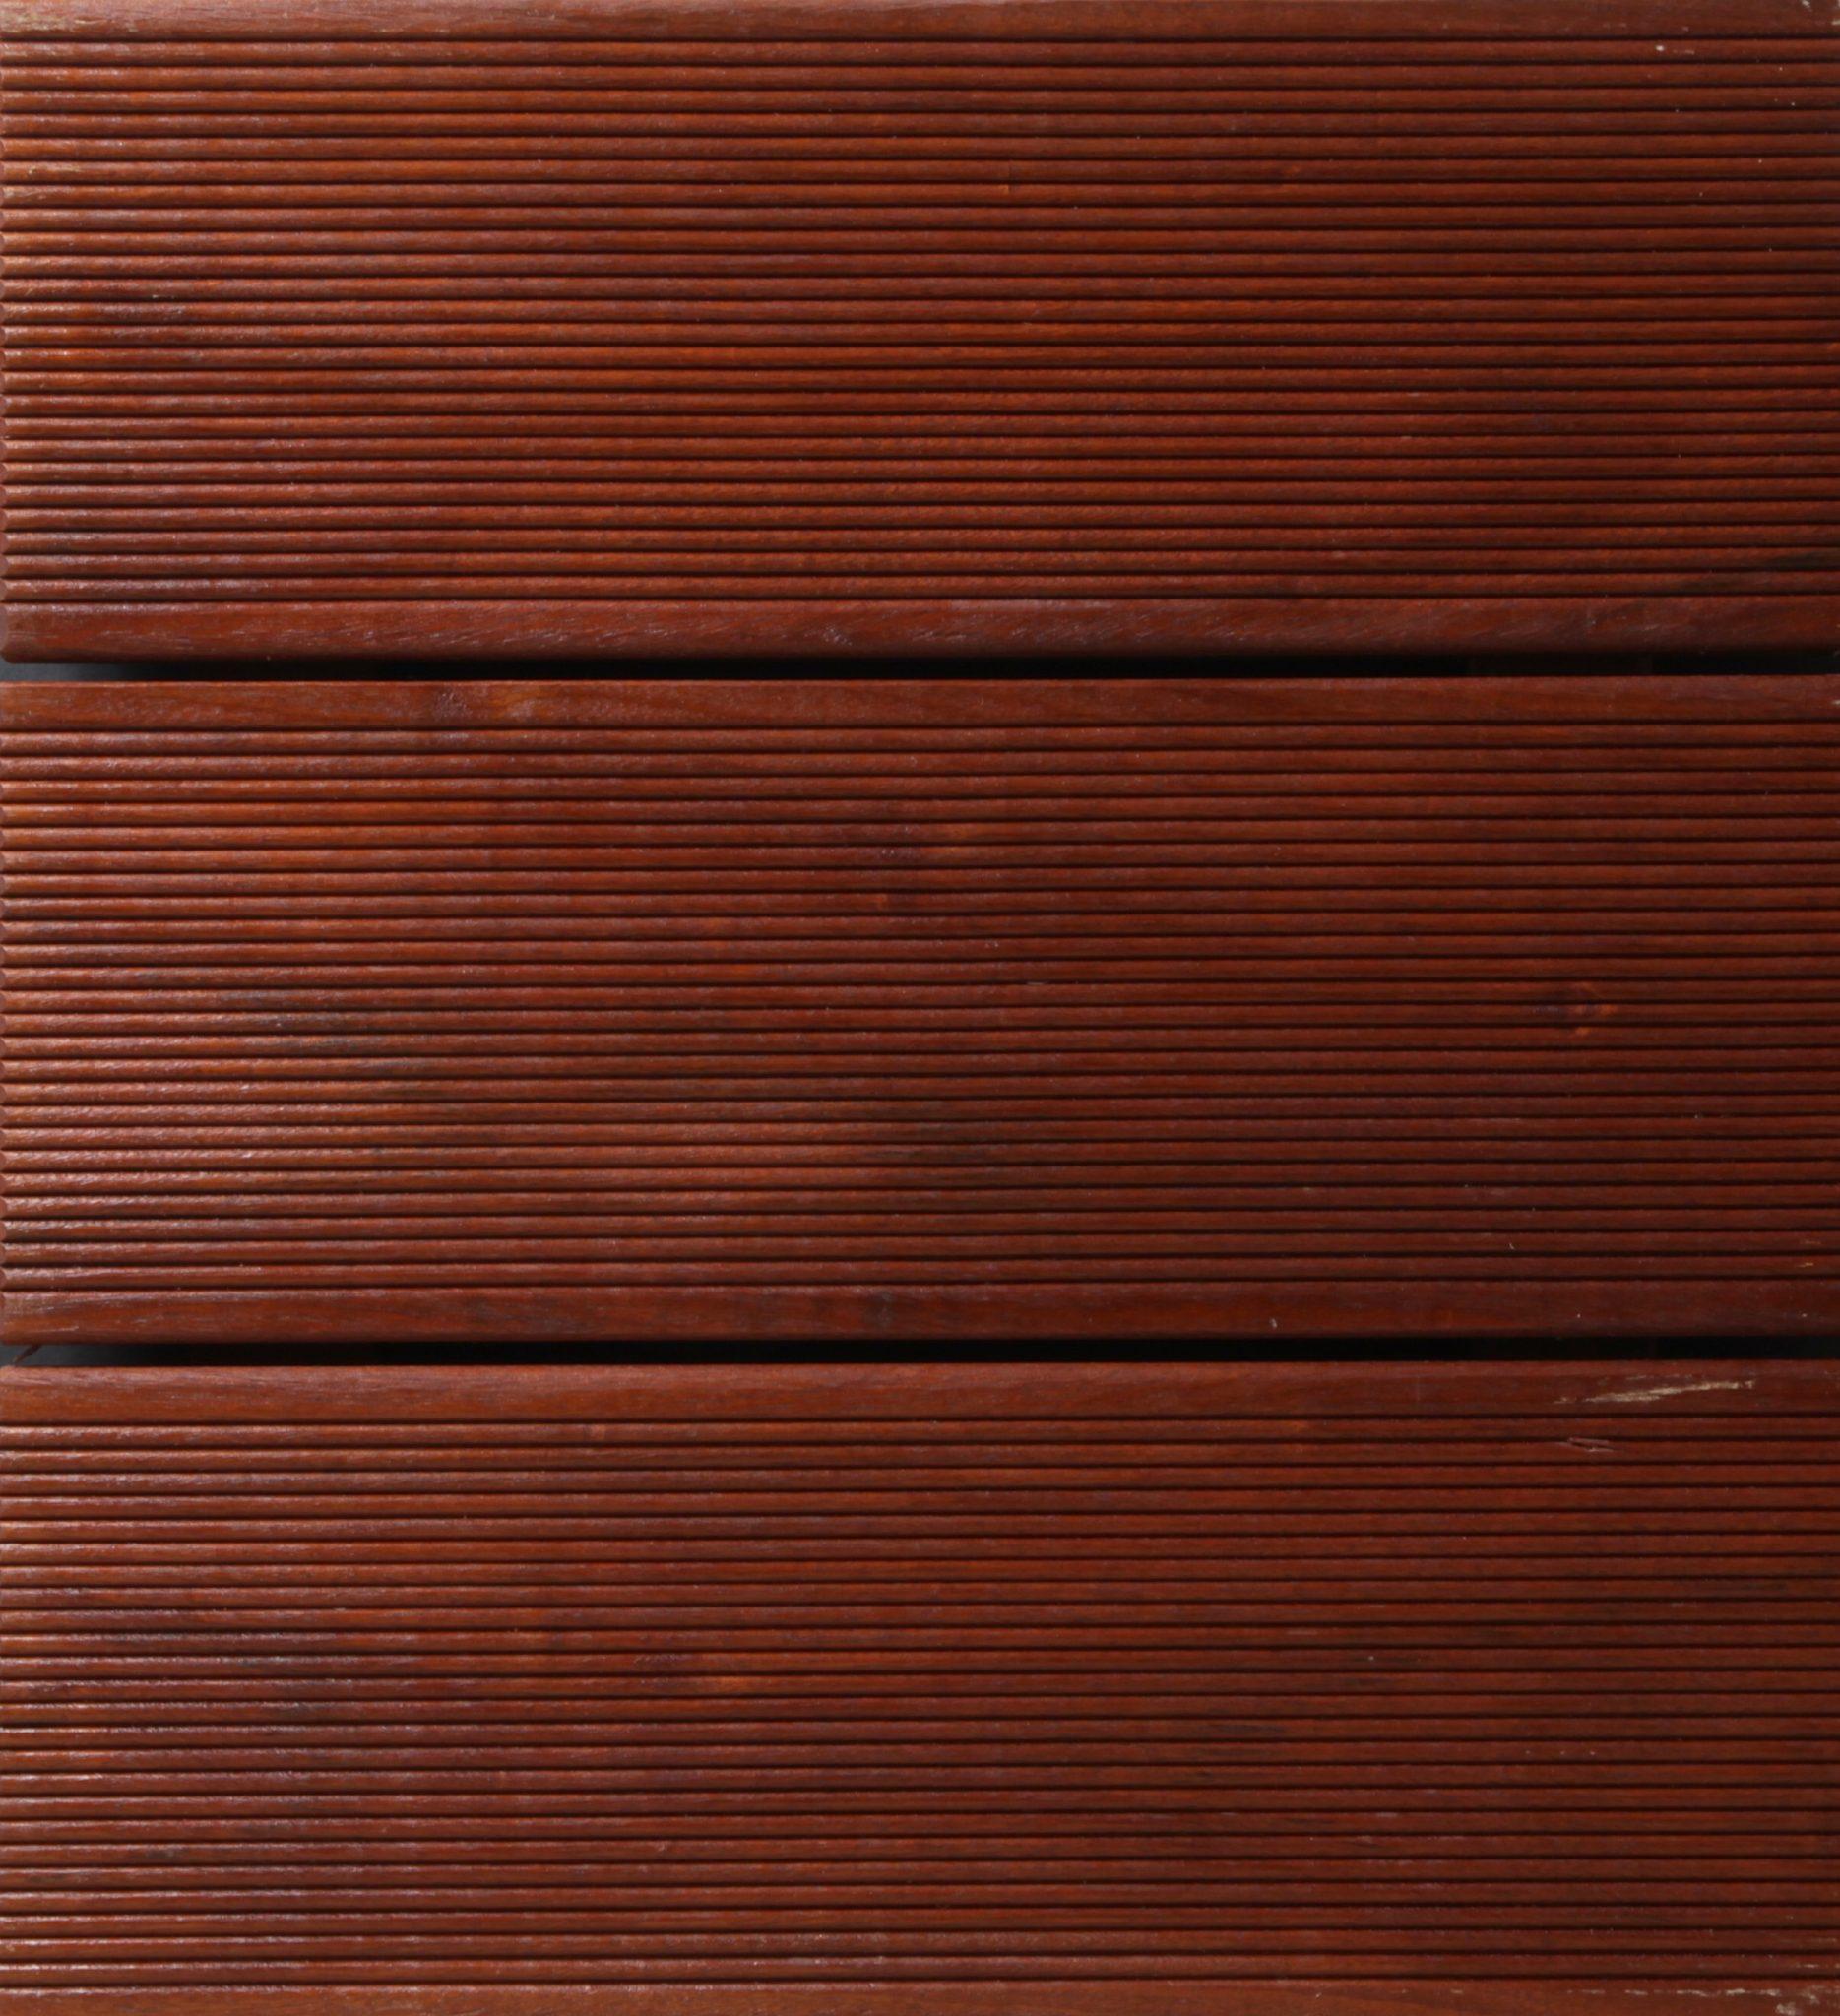 Transparentno Decking ulje na decku od ipea